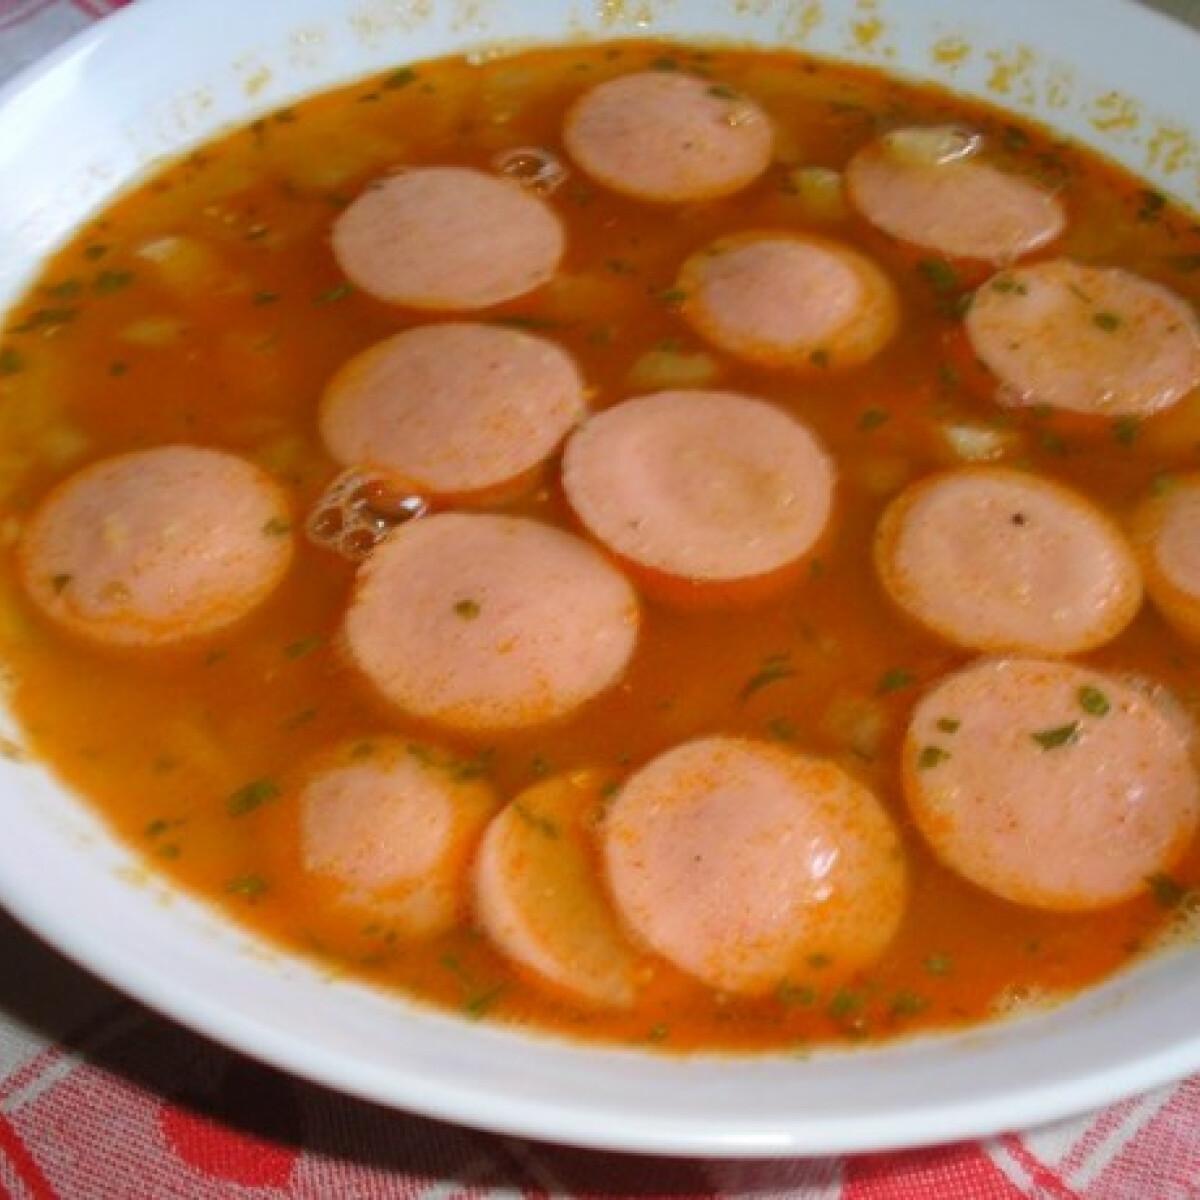 Ezen a képen: Sárgaborsópüré leves virslivel